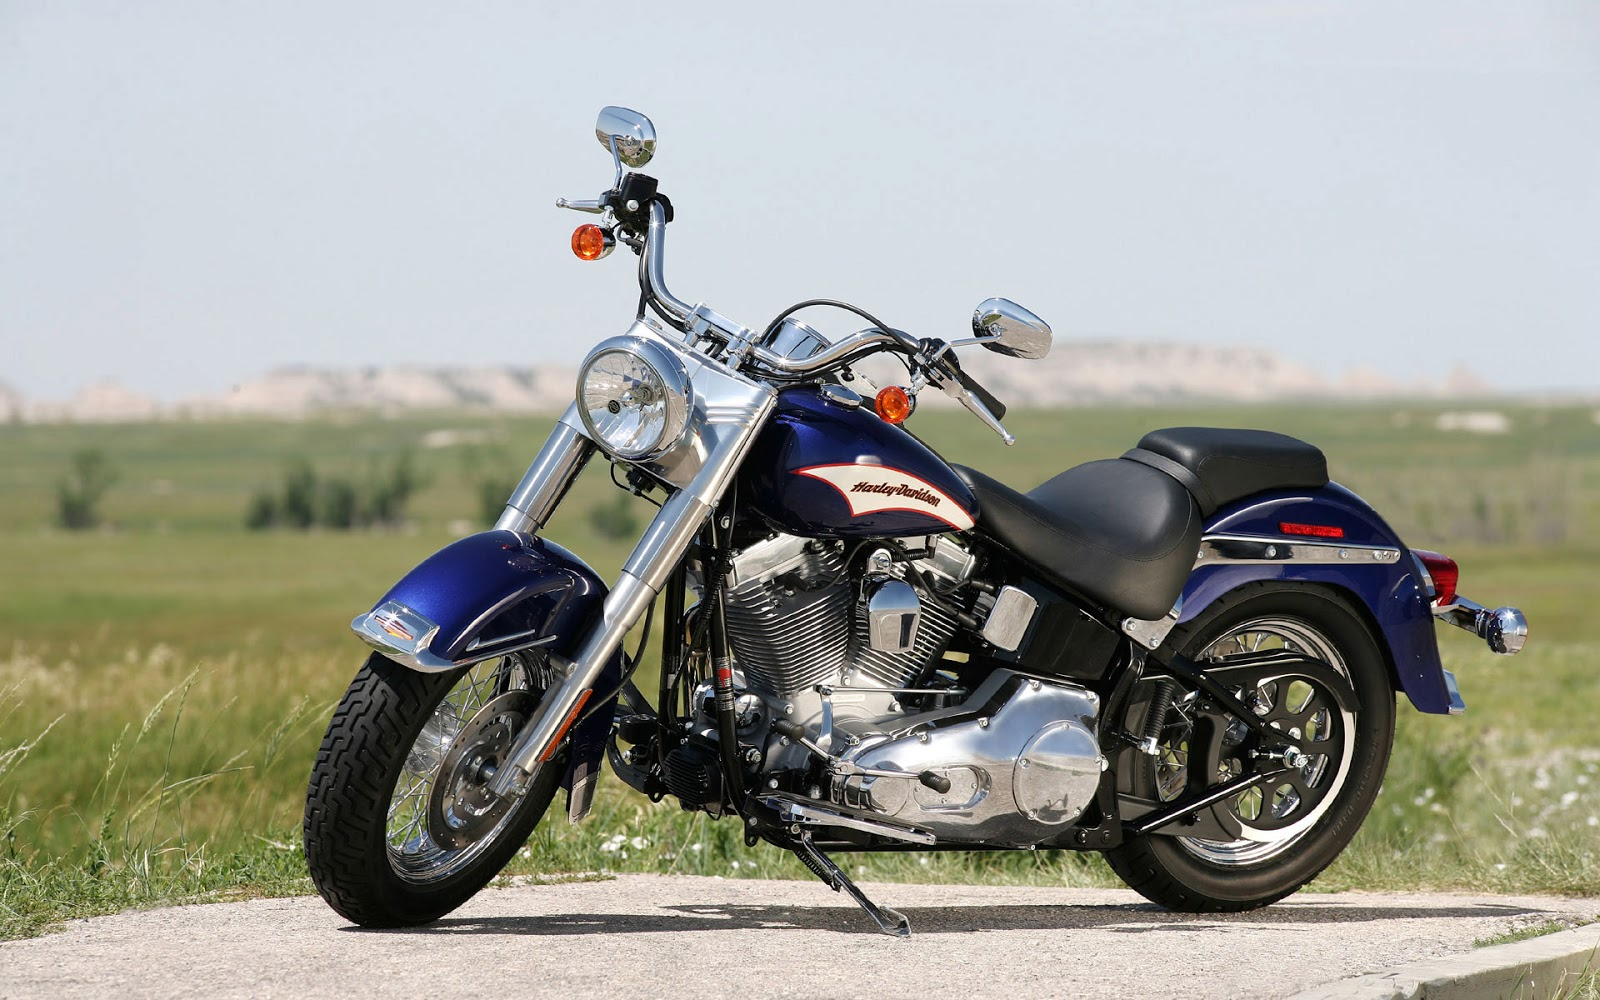 moto fotos motos harley davidson a moto mas famosa do mundo. Black Bedroom Furniture Sets. Home Design Ideas